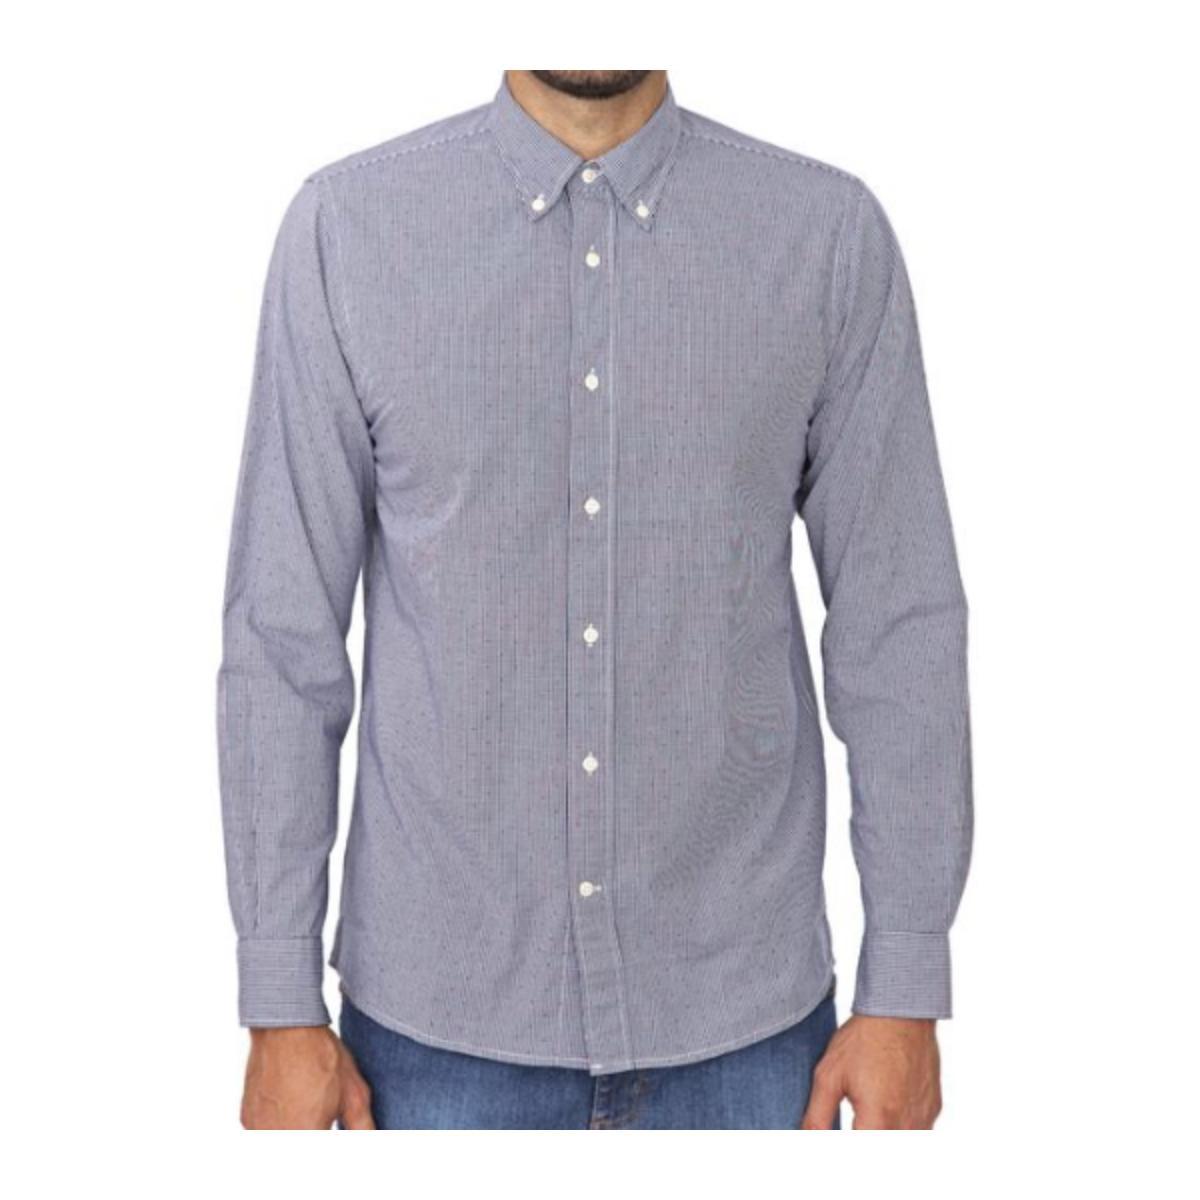 Camisa Masculina Tommy Thmw0mw13426 Branco/azul Xadrez